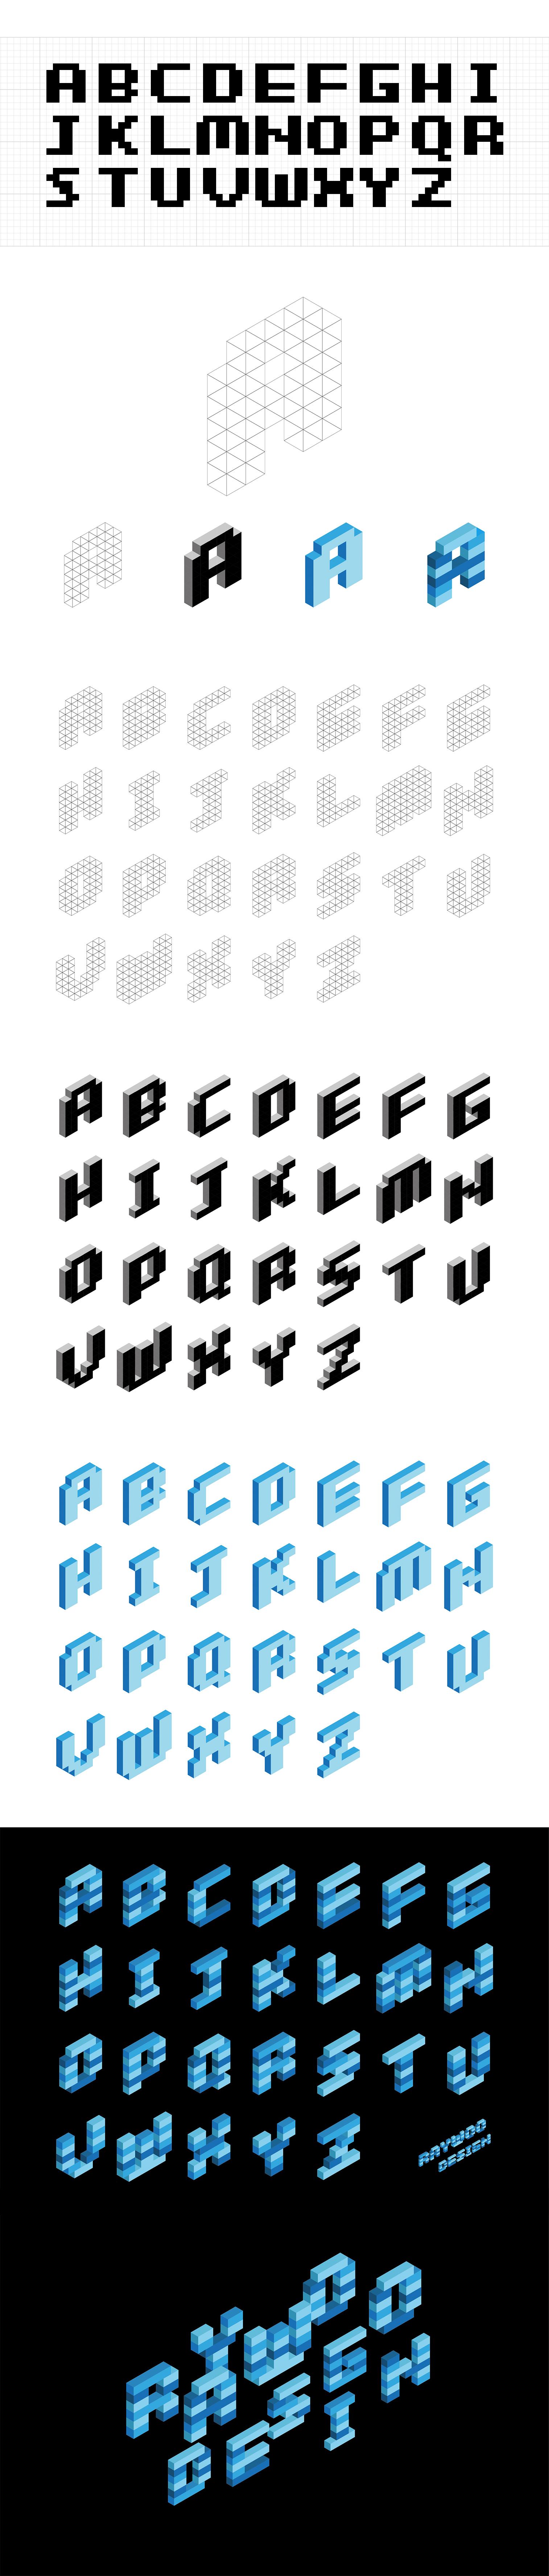 这种风格的立体字体是基于像素风格字体框架的积木英文字体设计,先作出平面的像素字体,在像素字体基础上,用等边三角形网格进行立体效果设计,再加入积木条的概念,将字体做成由长短不一的积木条堆积起来的造型,最后进行颜色配置。